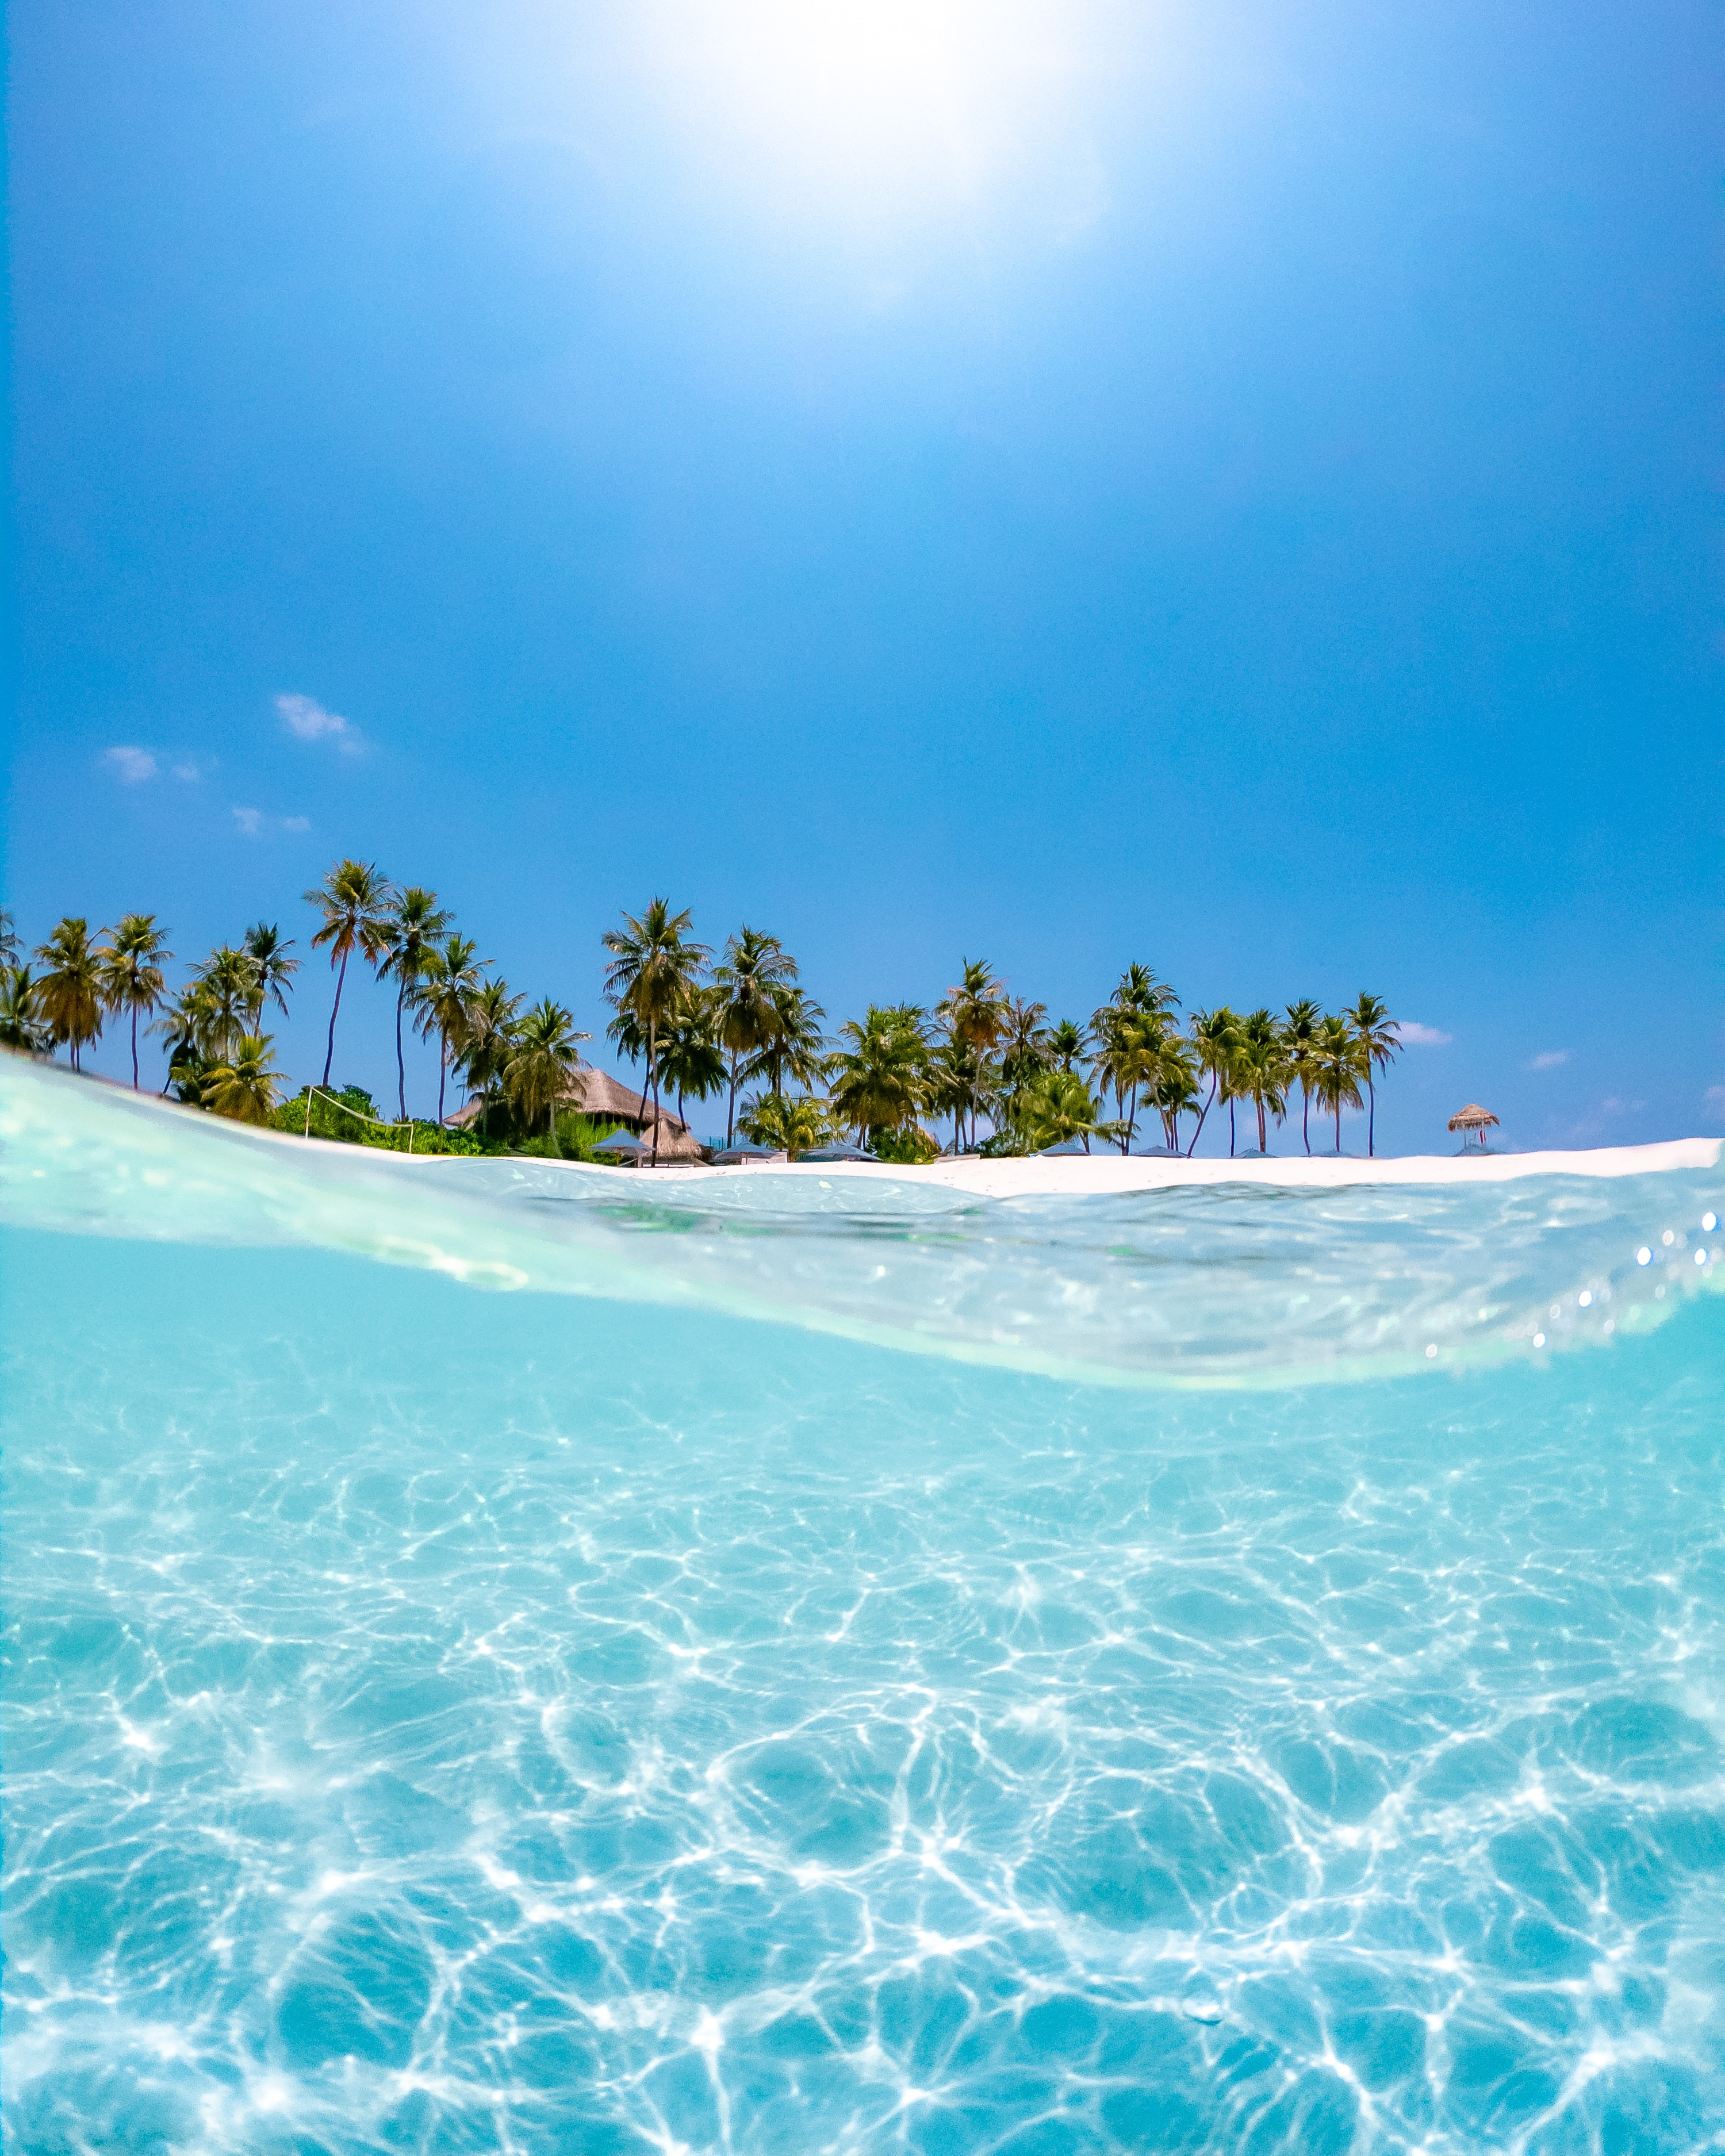 64221 скачать обои Море, Солнце, Пляж, Пальмы, Природа, Вода, Голубой, Волна - заставки и картинки бесплатно